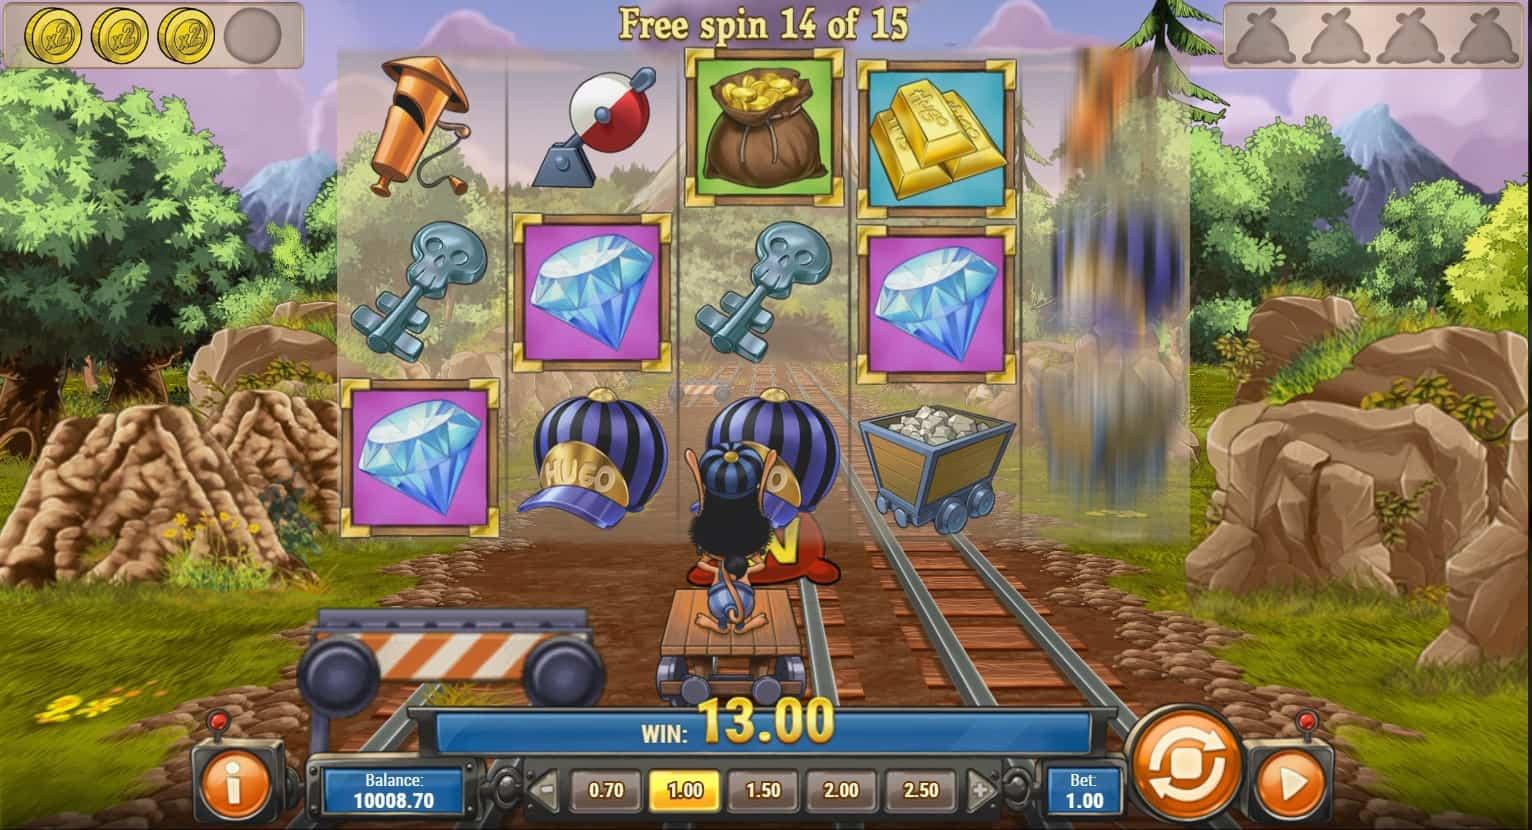 play'n go - hugo 2 - free spins - casinogroundsdotcom